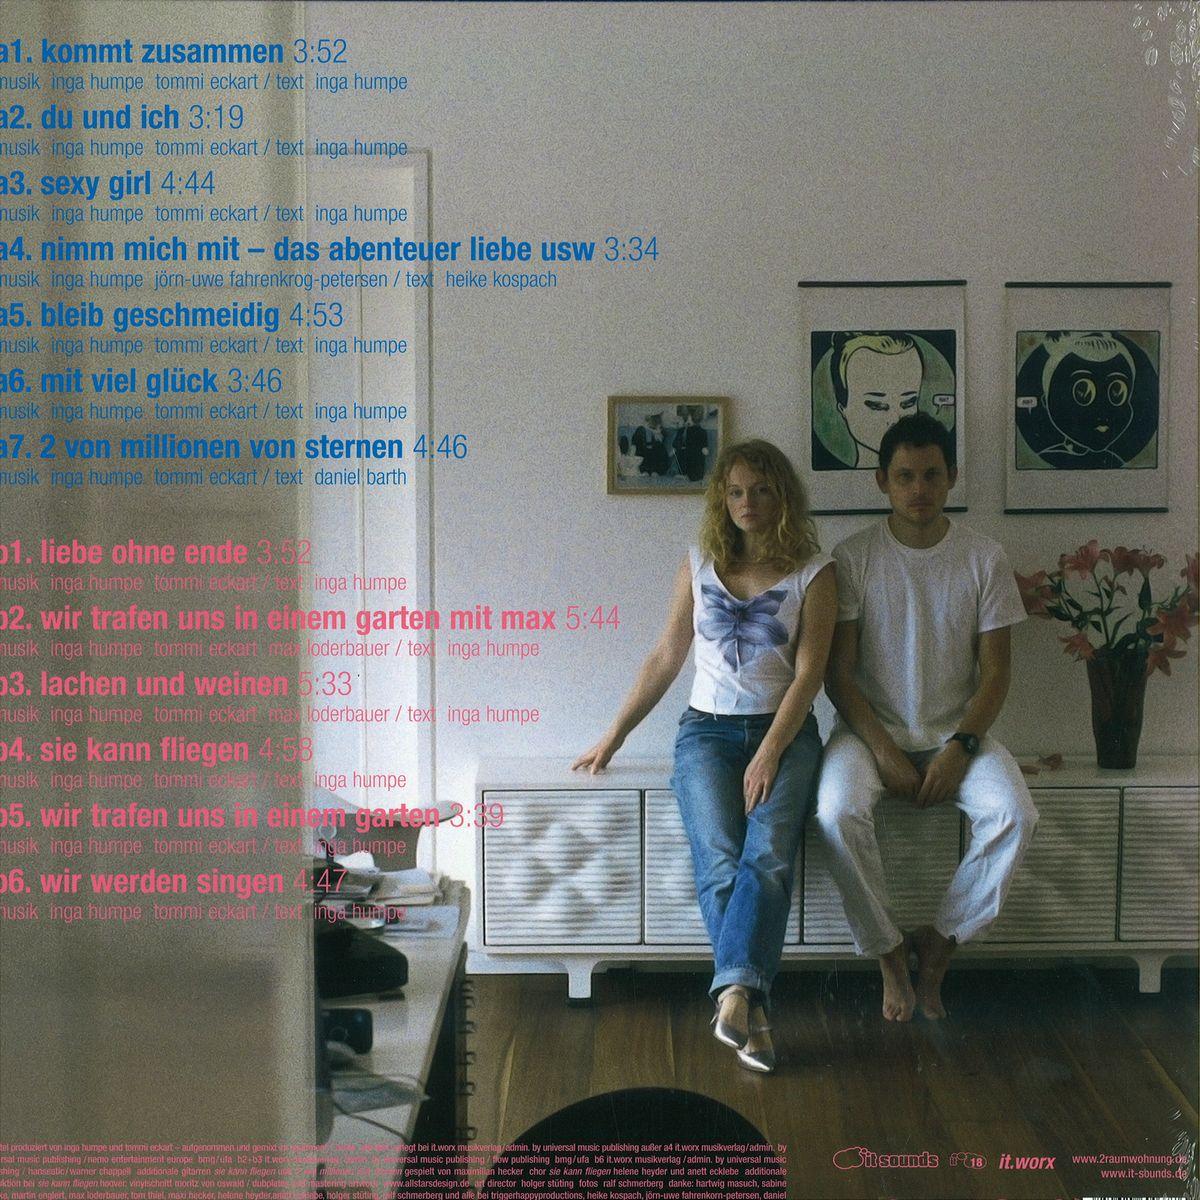 2 Raum Wohnung Kommt Zusammen Vinyl Re Release It Sounds 2460037 It 18 Vinyl